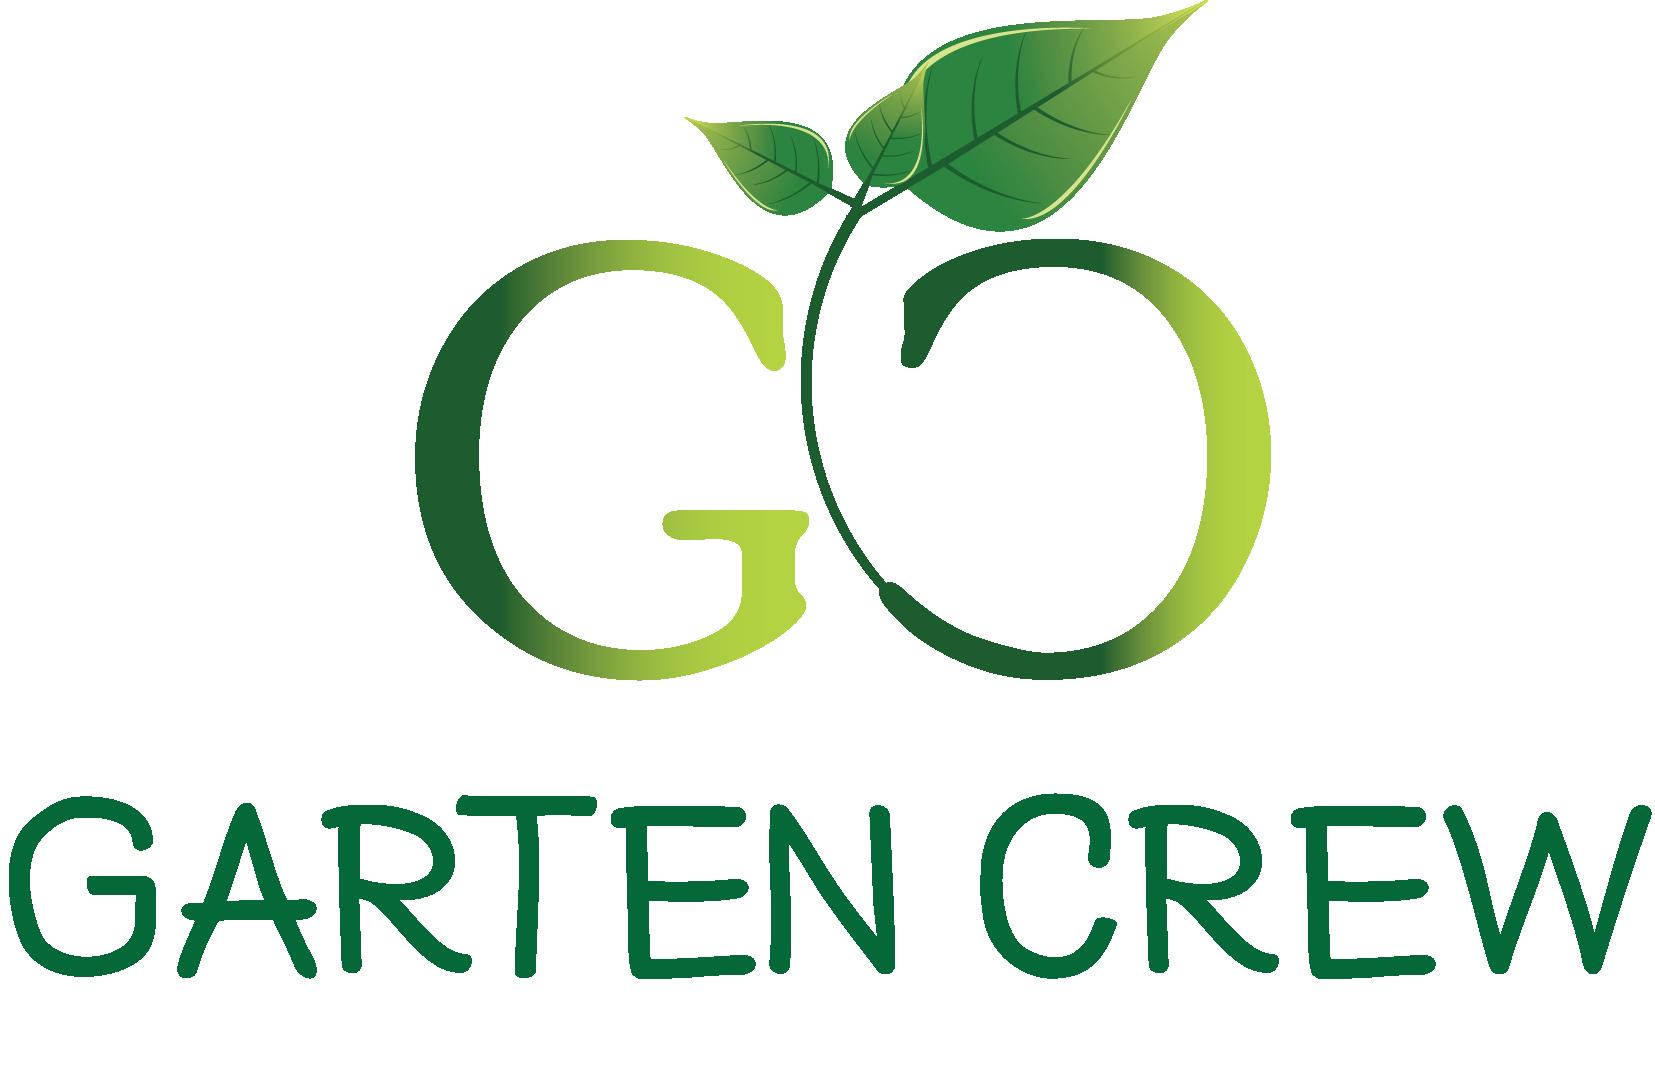 Garten Crew – Heilbronn